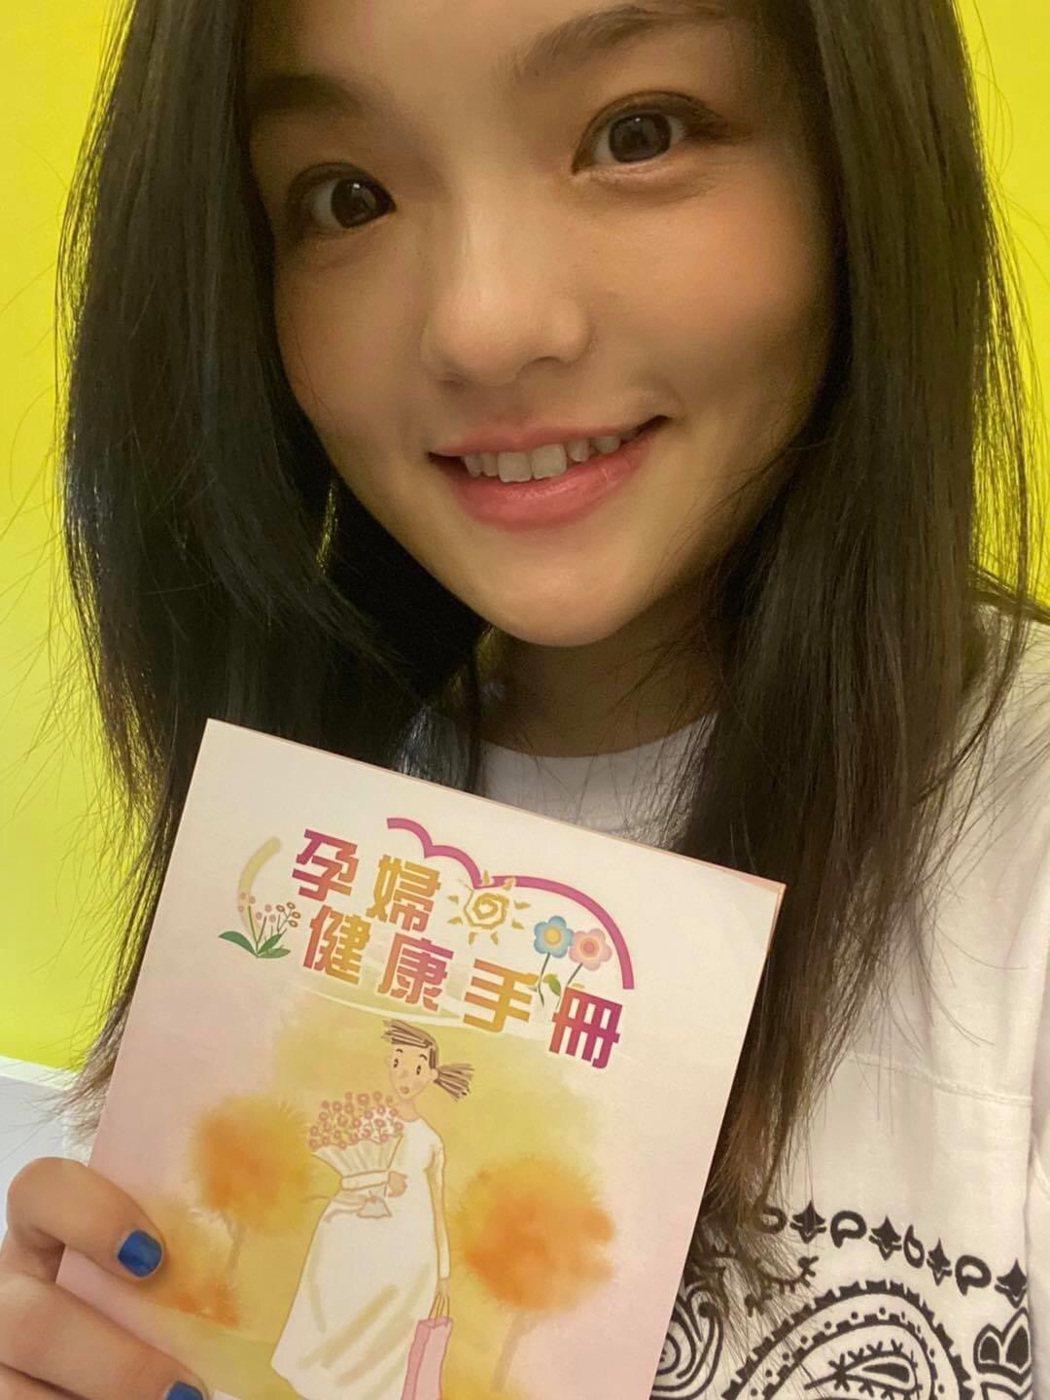 徐佳瑩宣布喜訊。圖/摘自臉書